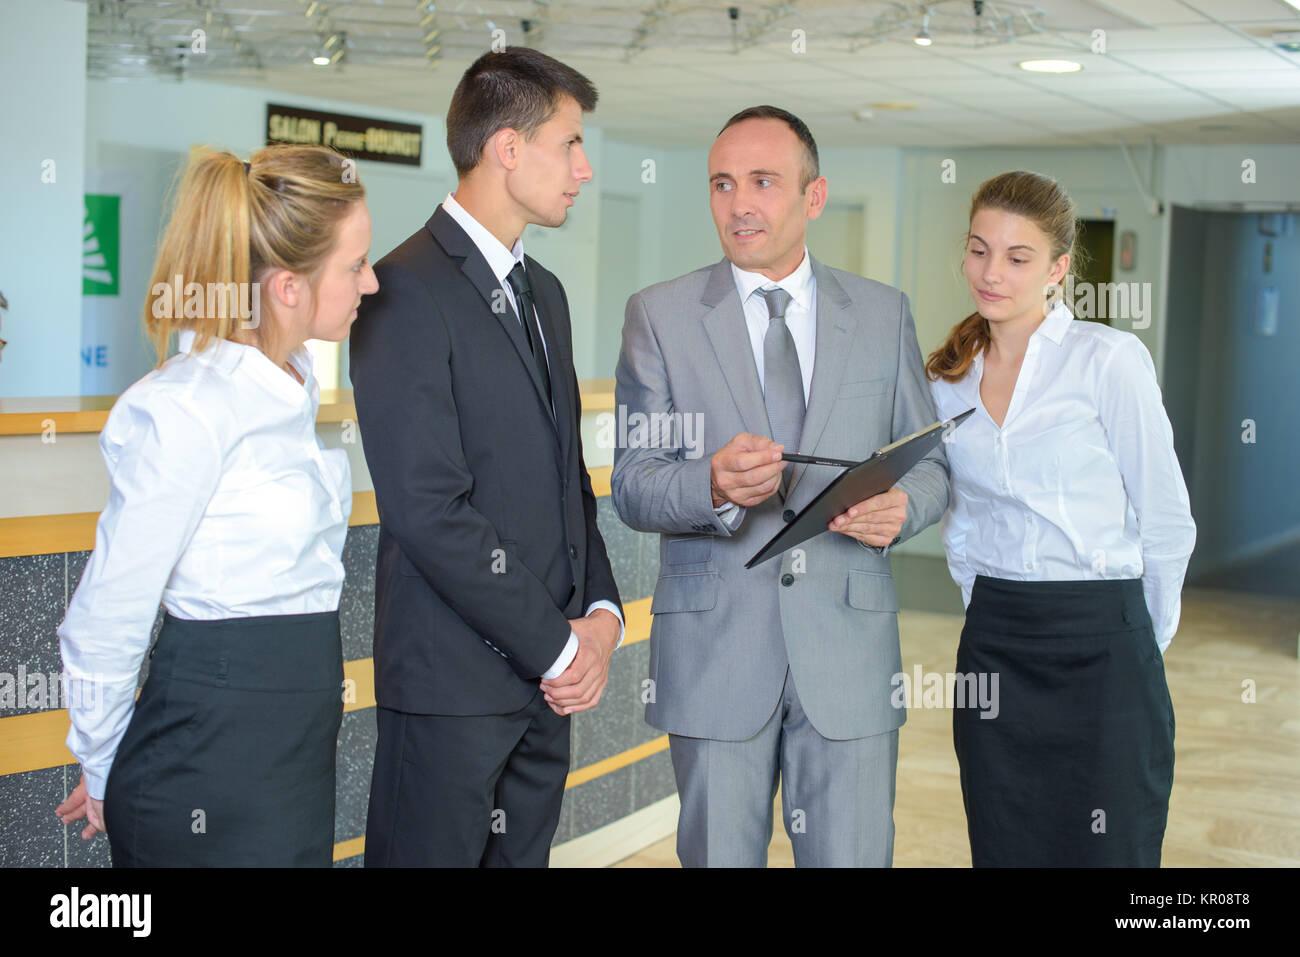 hotel management - Stock Image